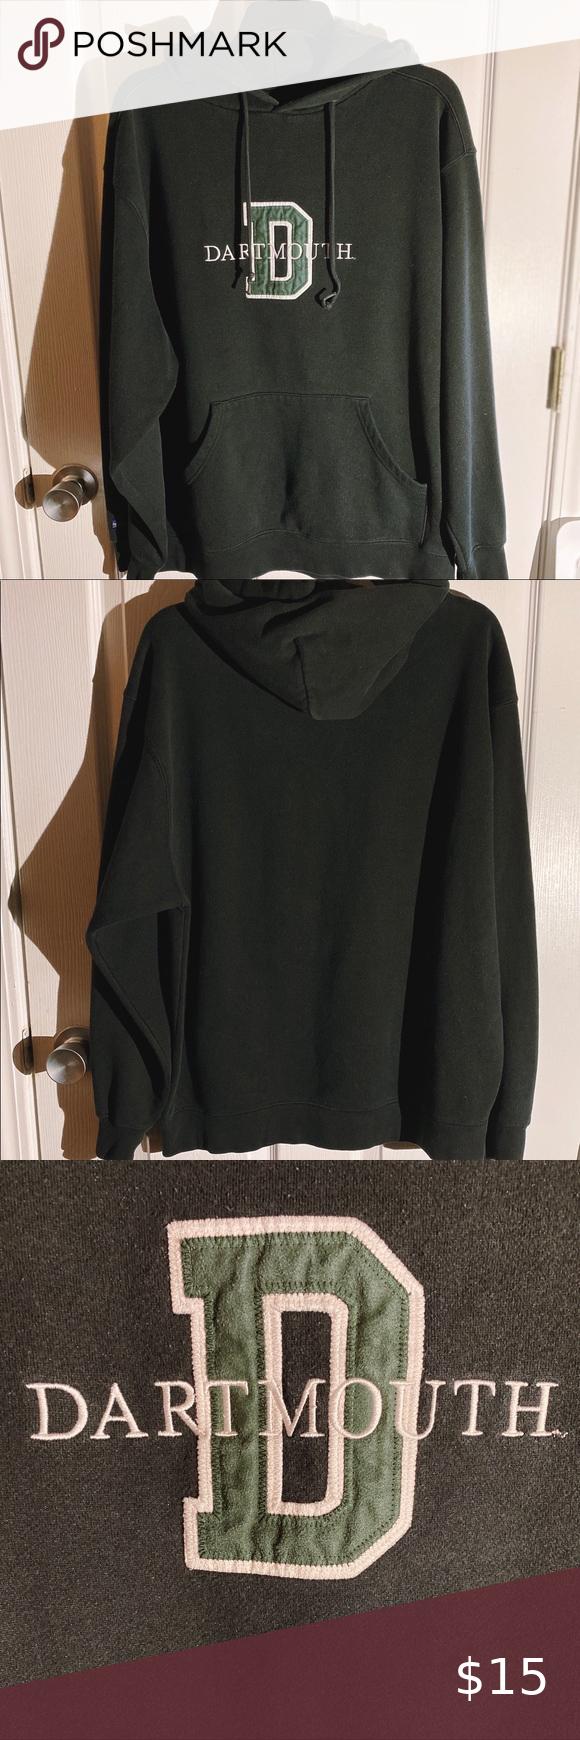 Dartmouth Hoodie Sweatshirt Shirt Hoodies Sweatshirts Hoodie [ 1740 x 580 Pixel ]